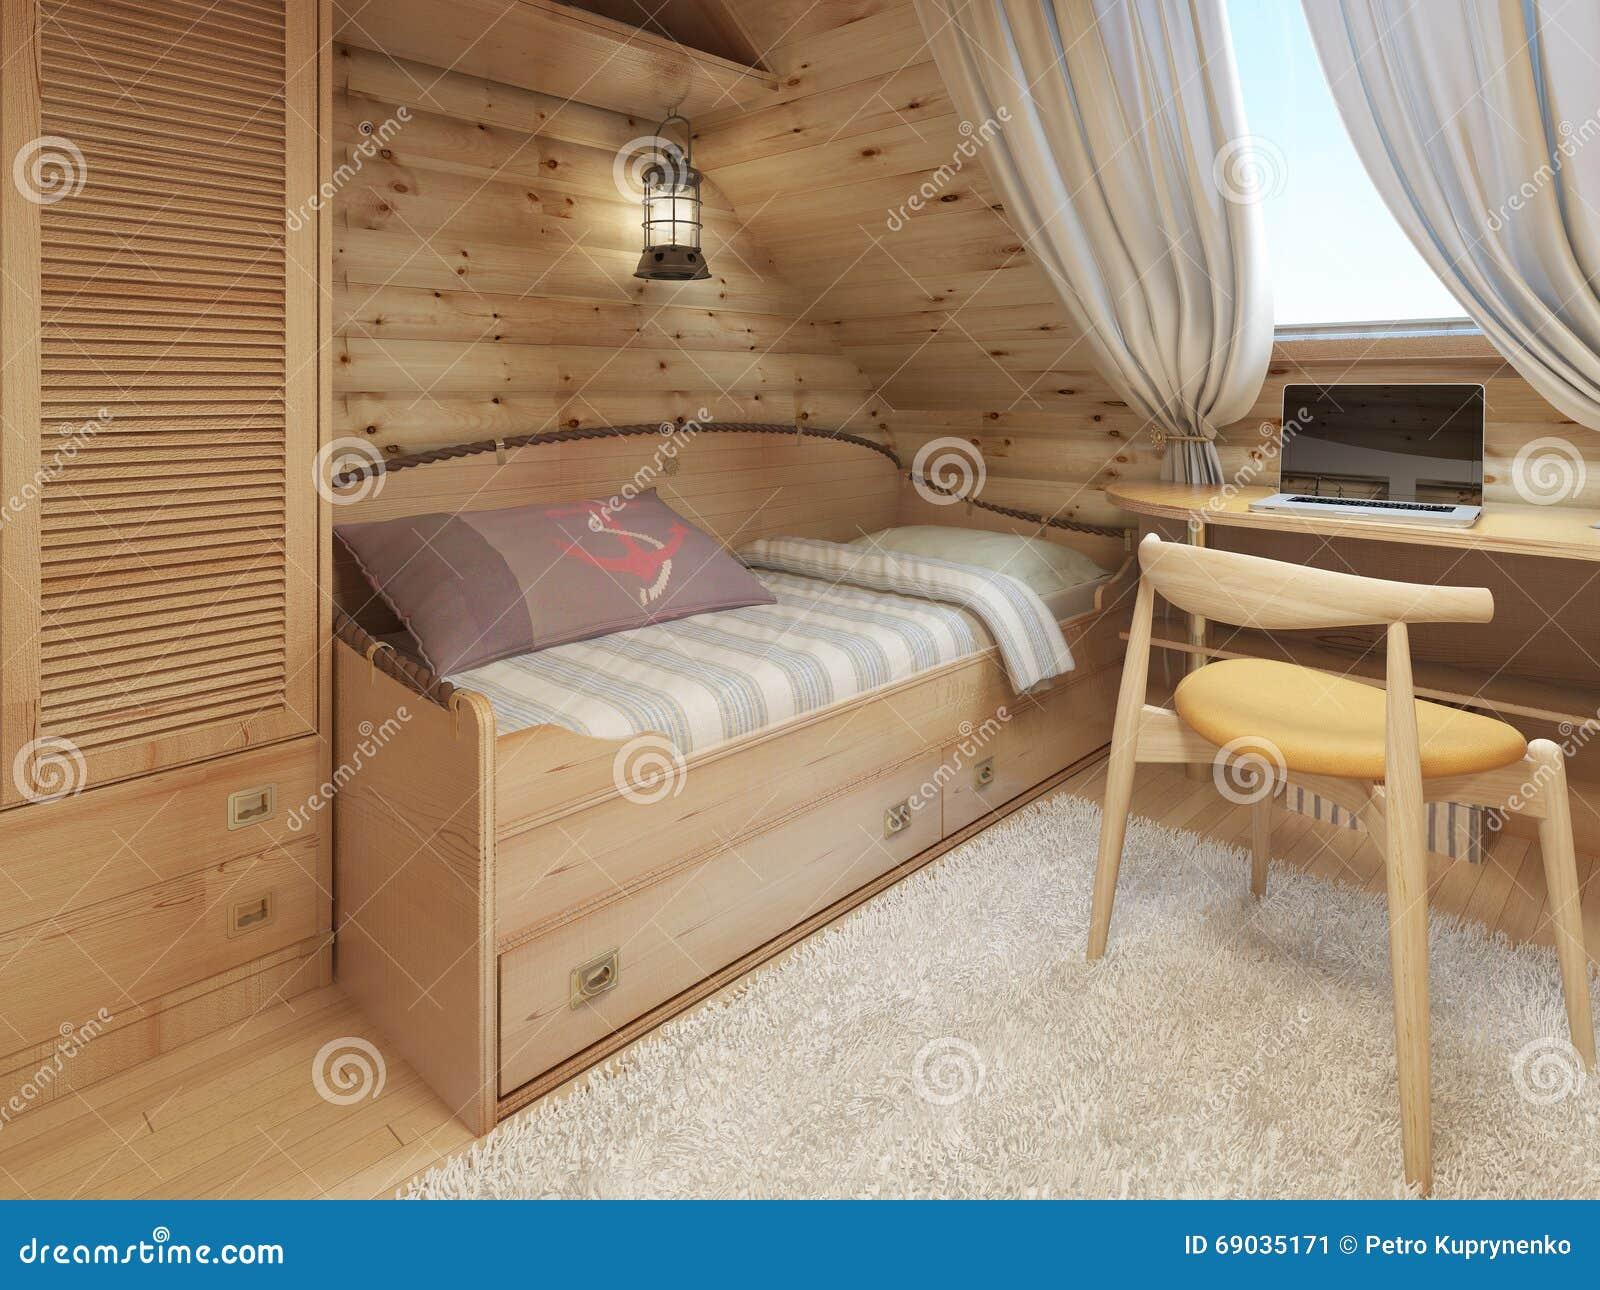 Bett Und Schreibtisch Im Kinderzimmer In Einem Blockhaus Im